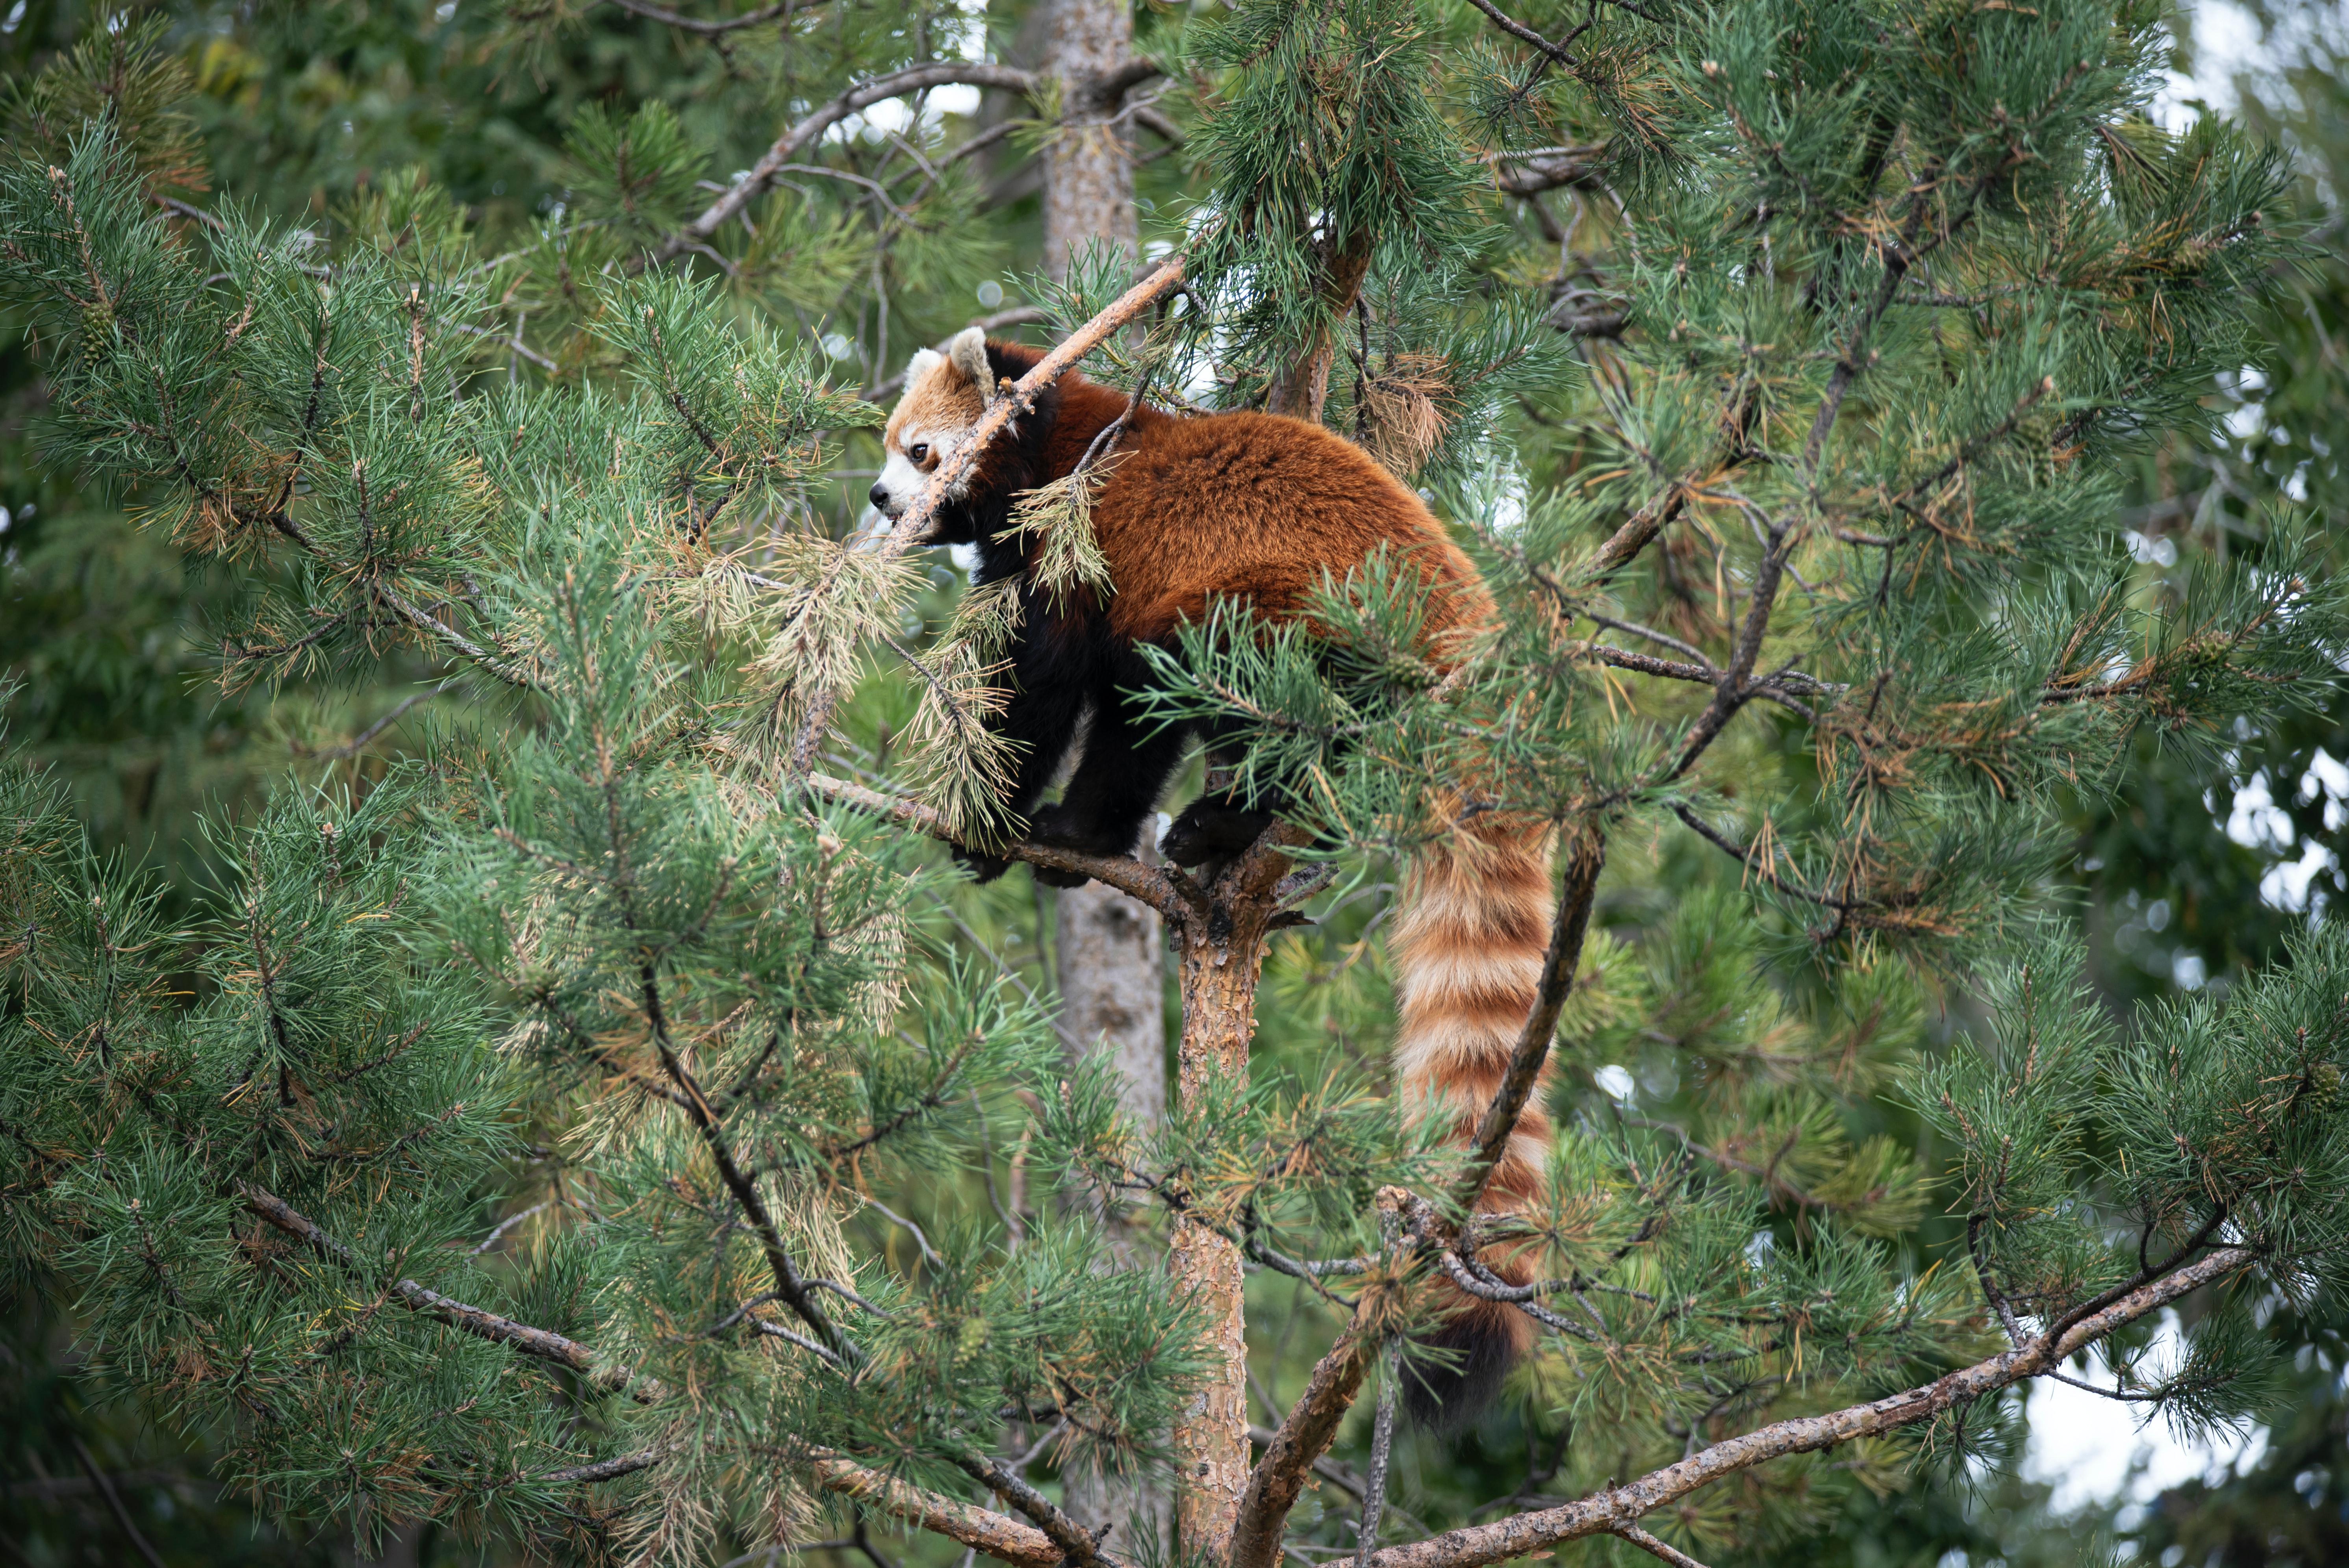 94264 скачать обои Животные, Красная Панда, Дерево, Животное, Коричневый, Дикая Природа - заставки и картинки бесплатно